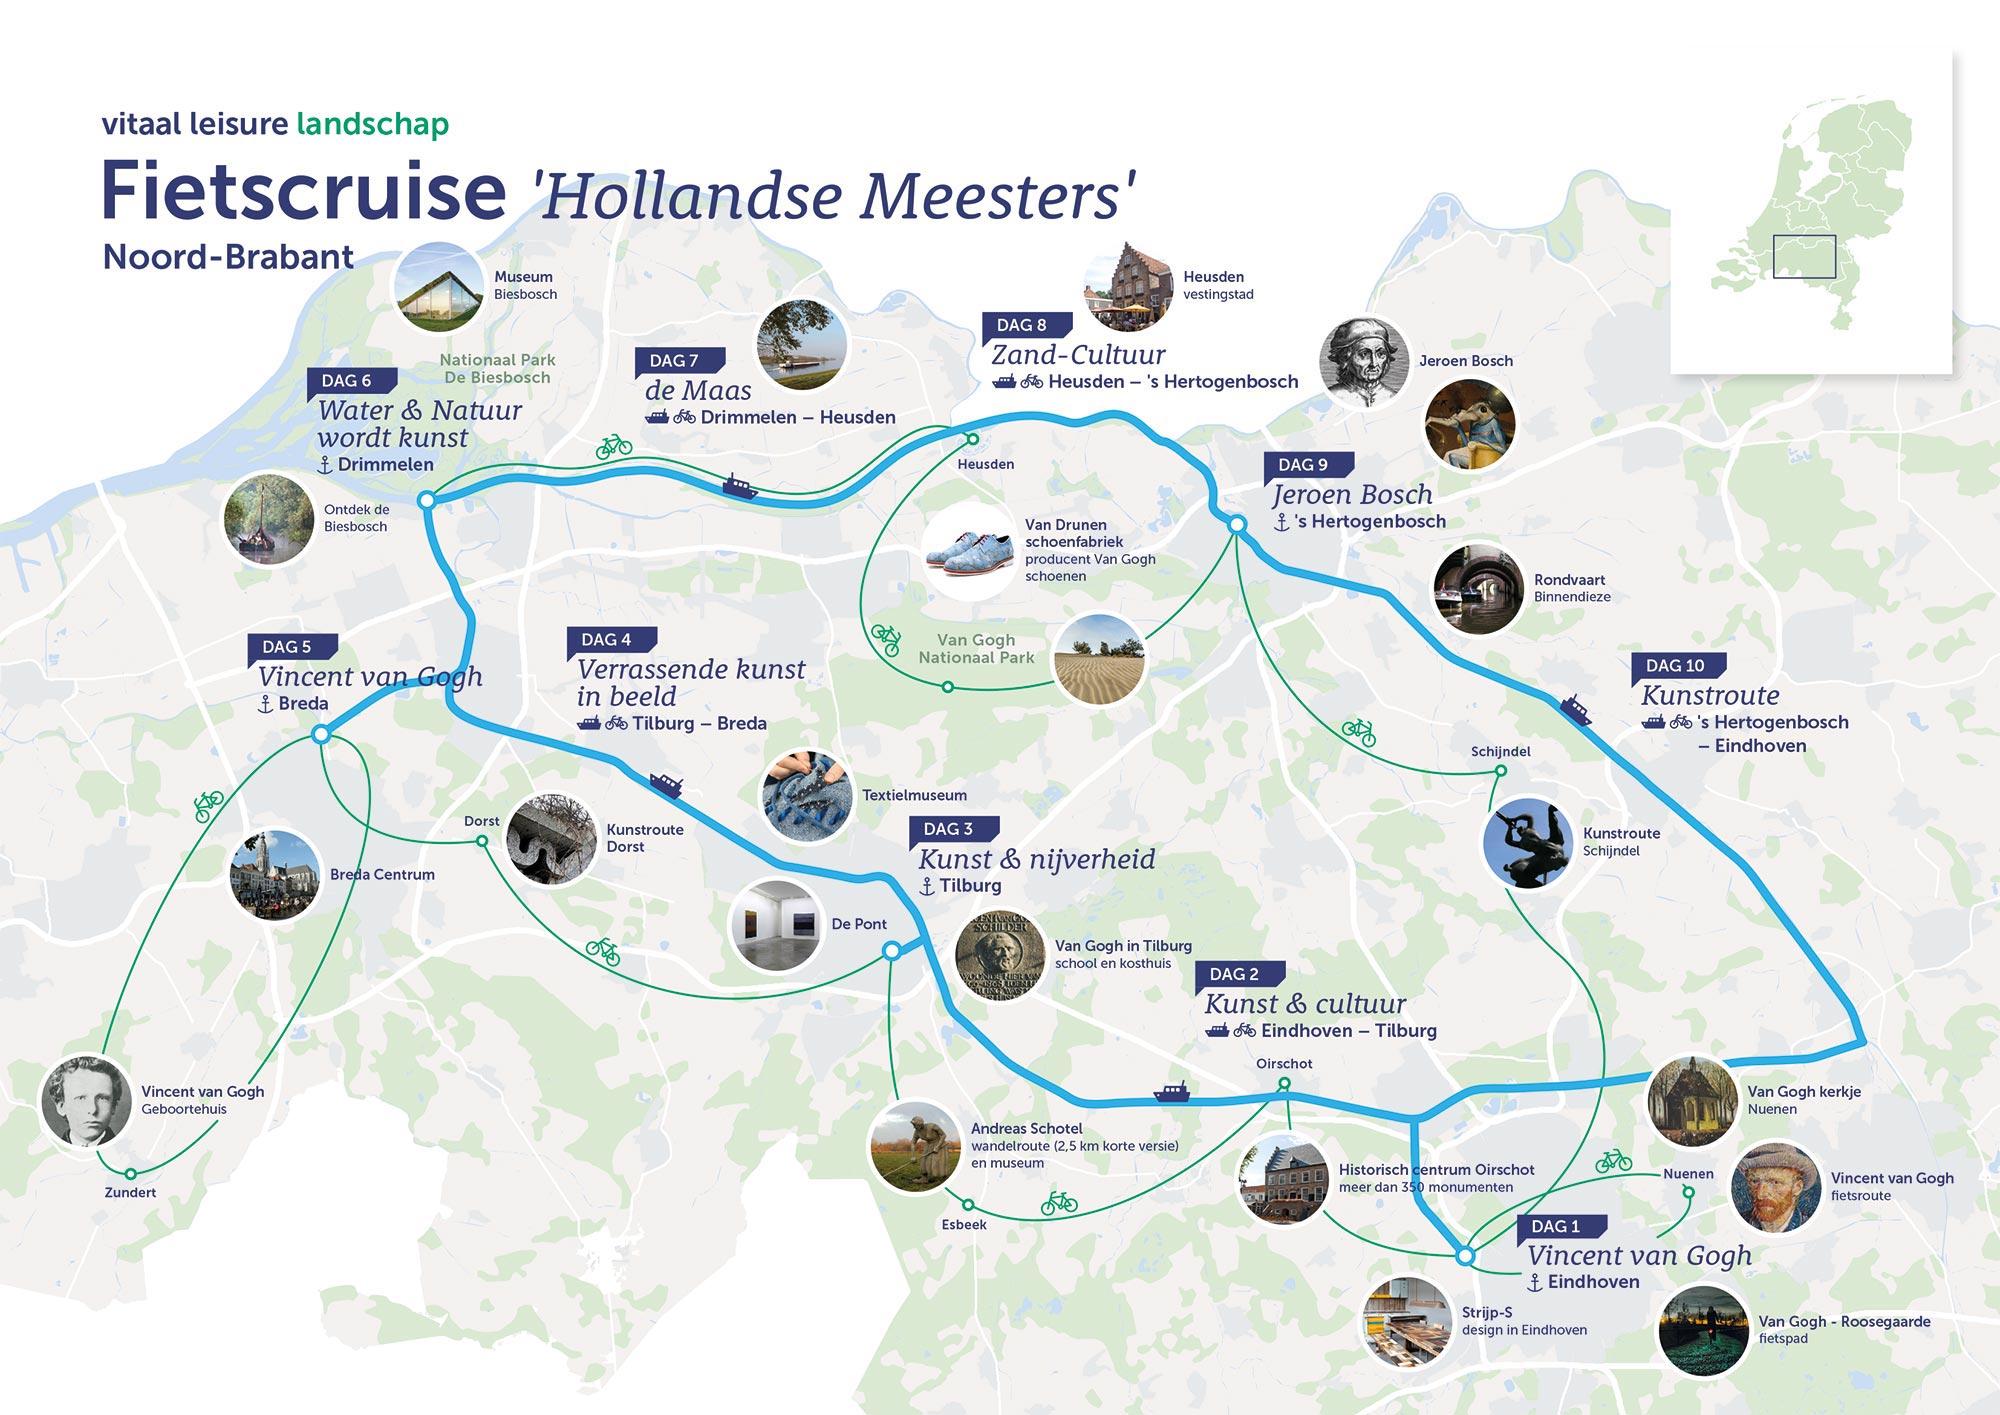 Fietscruise kaart Een Gezond Leisureklimaat infographic JAgd ontwerp